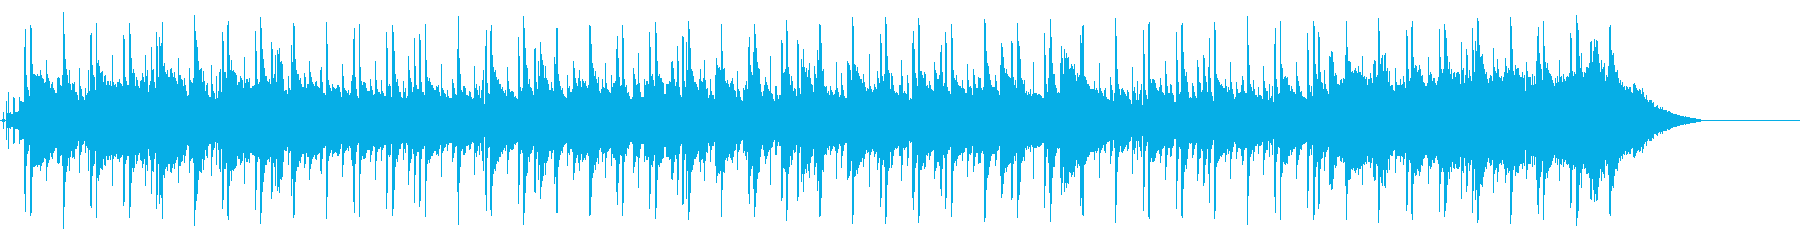 おおらかなポップ/バラードの再生済みの波形